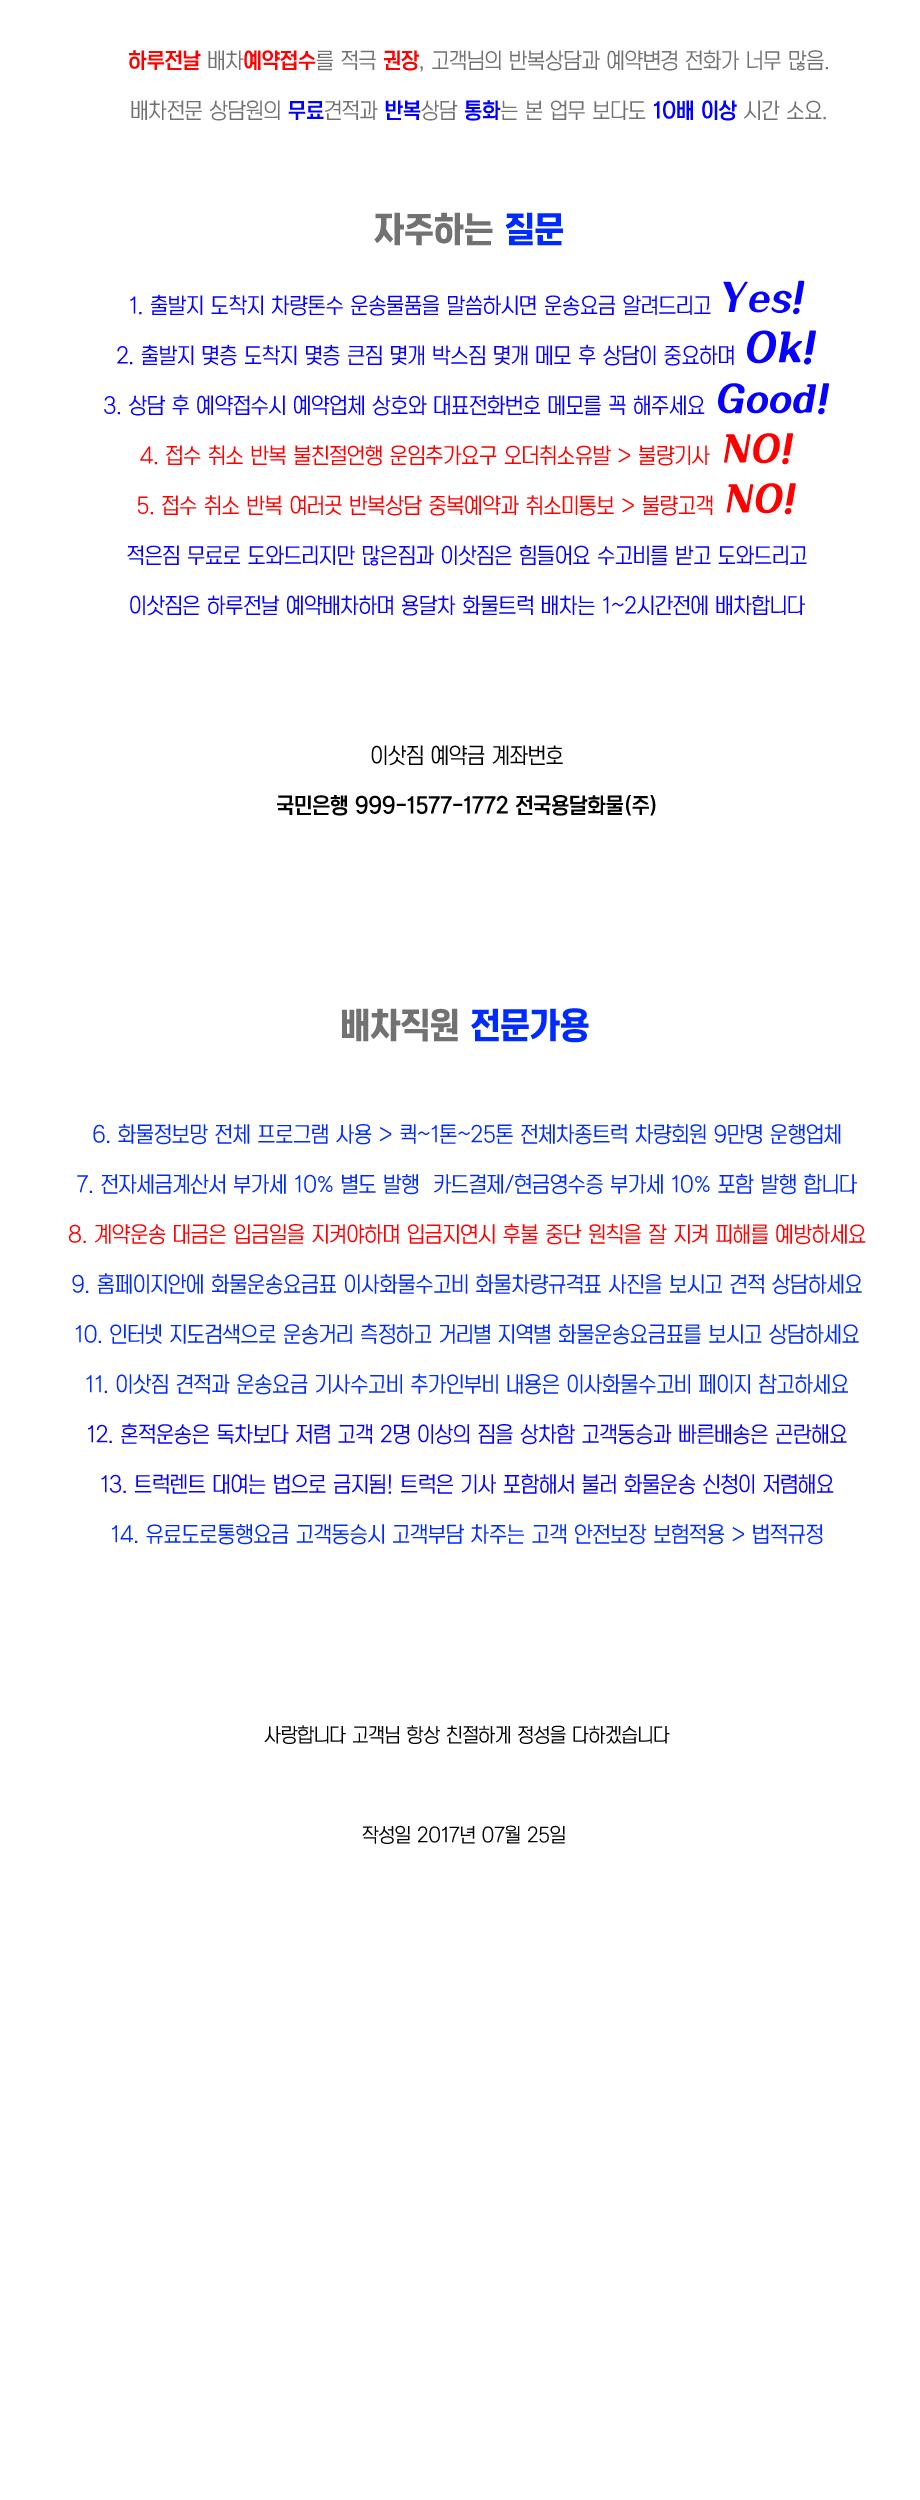 통합 자주하는질문 170725 copy.png